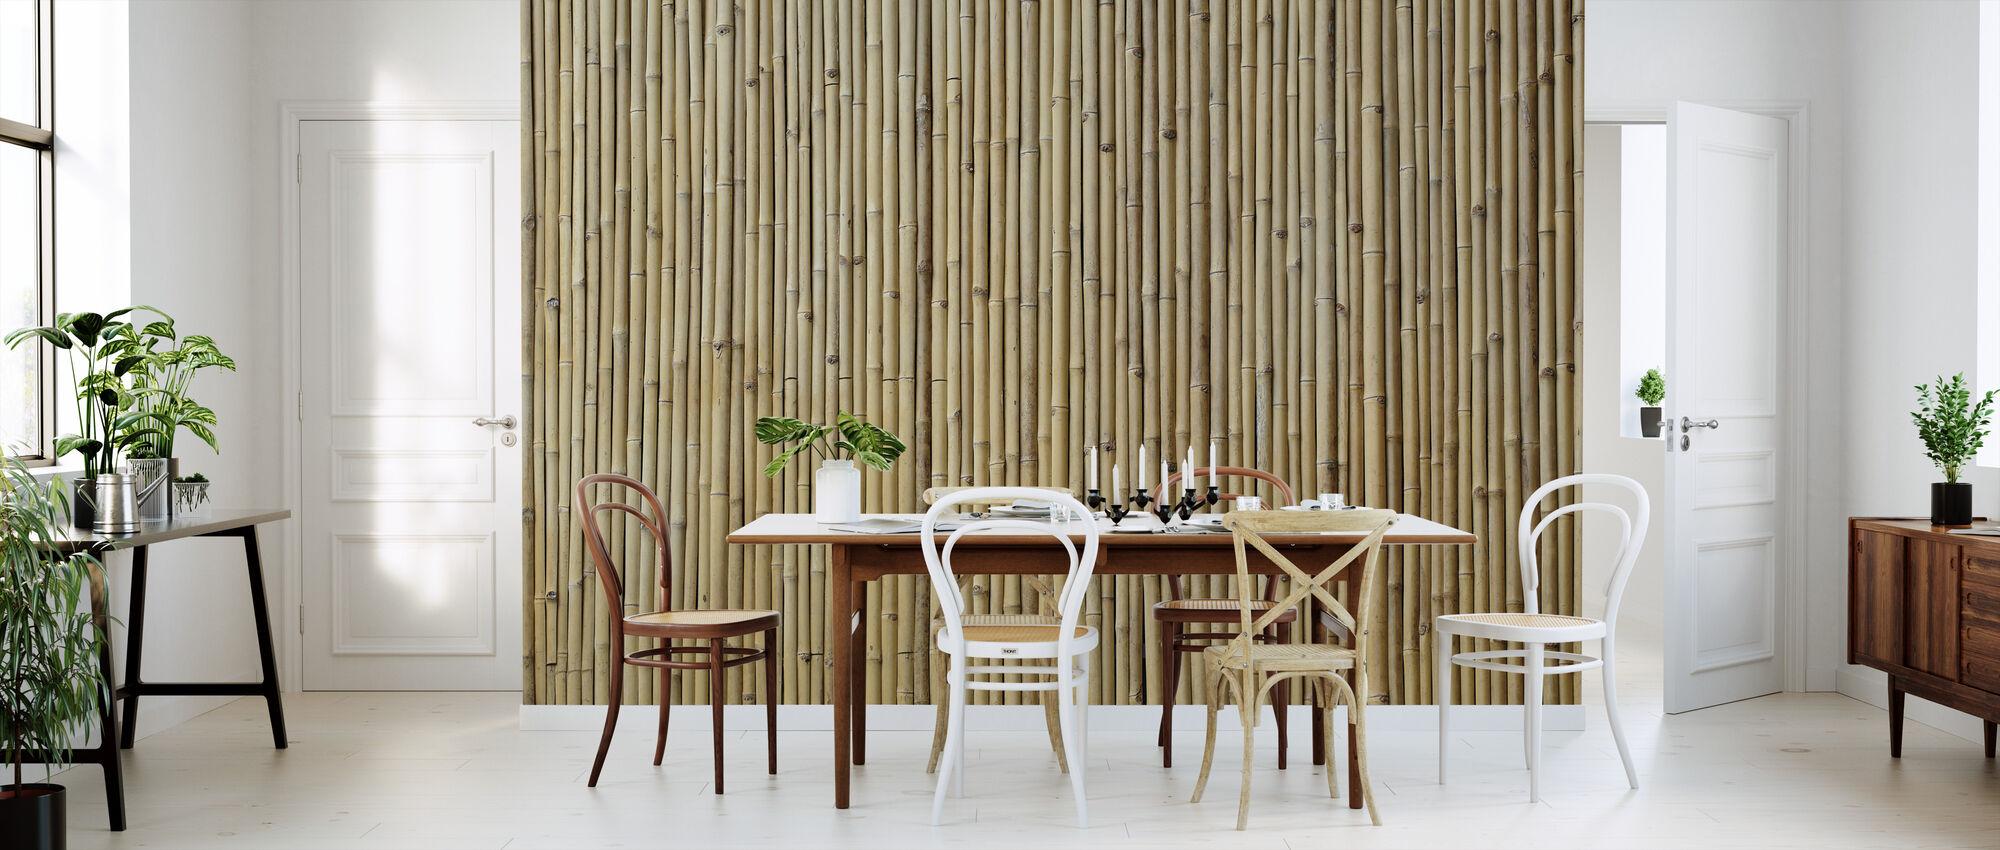 Tekstura bambusa - Tapeta - Kuchnia